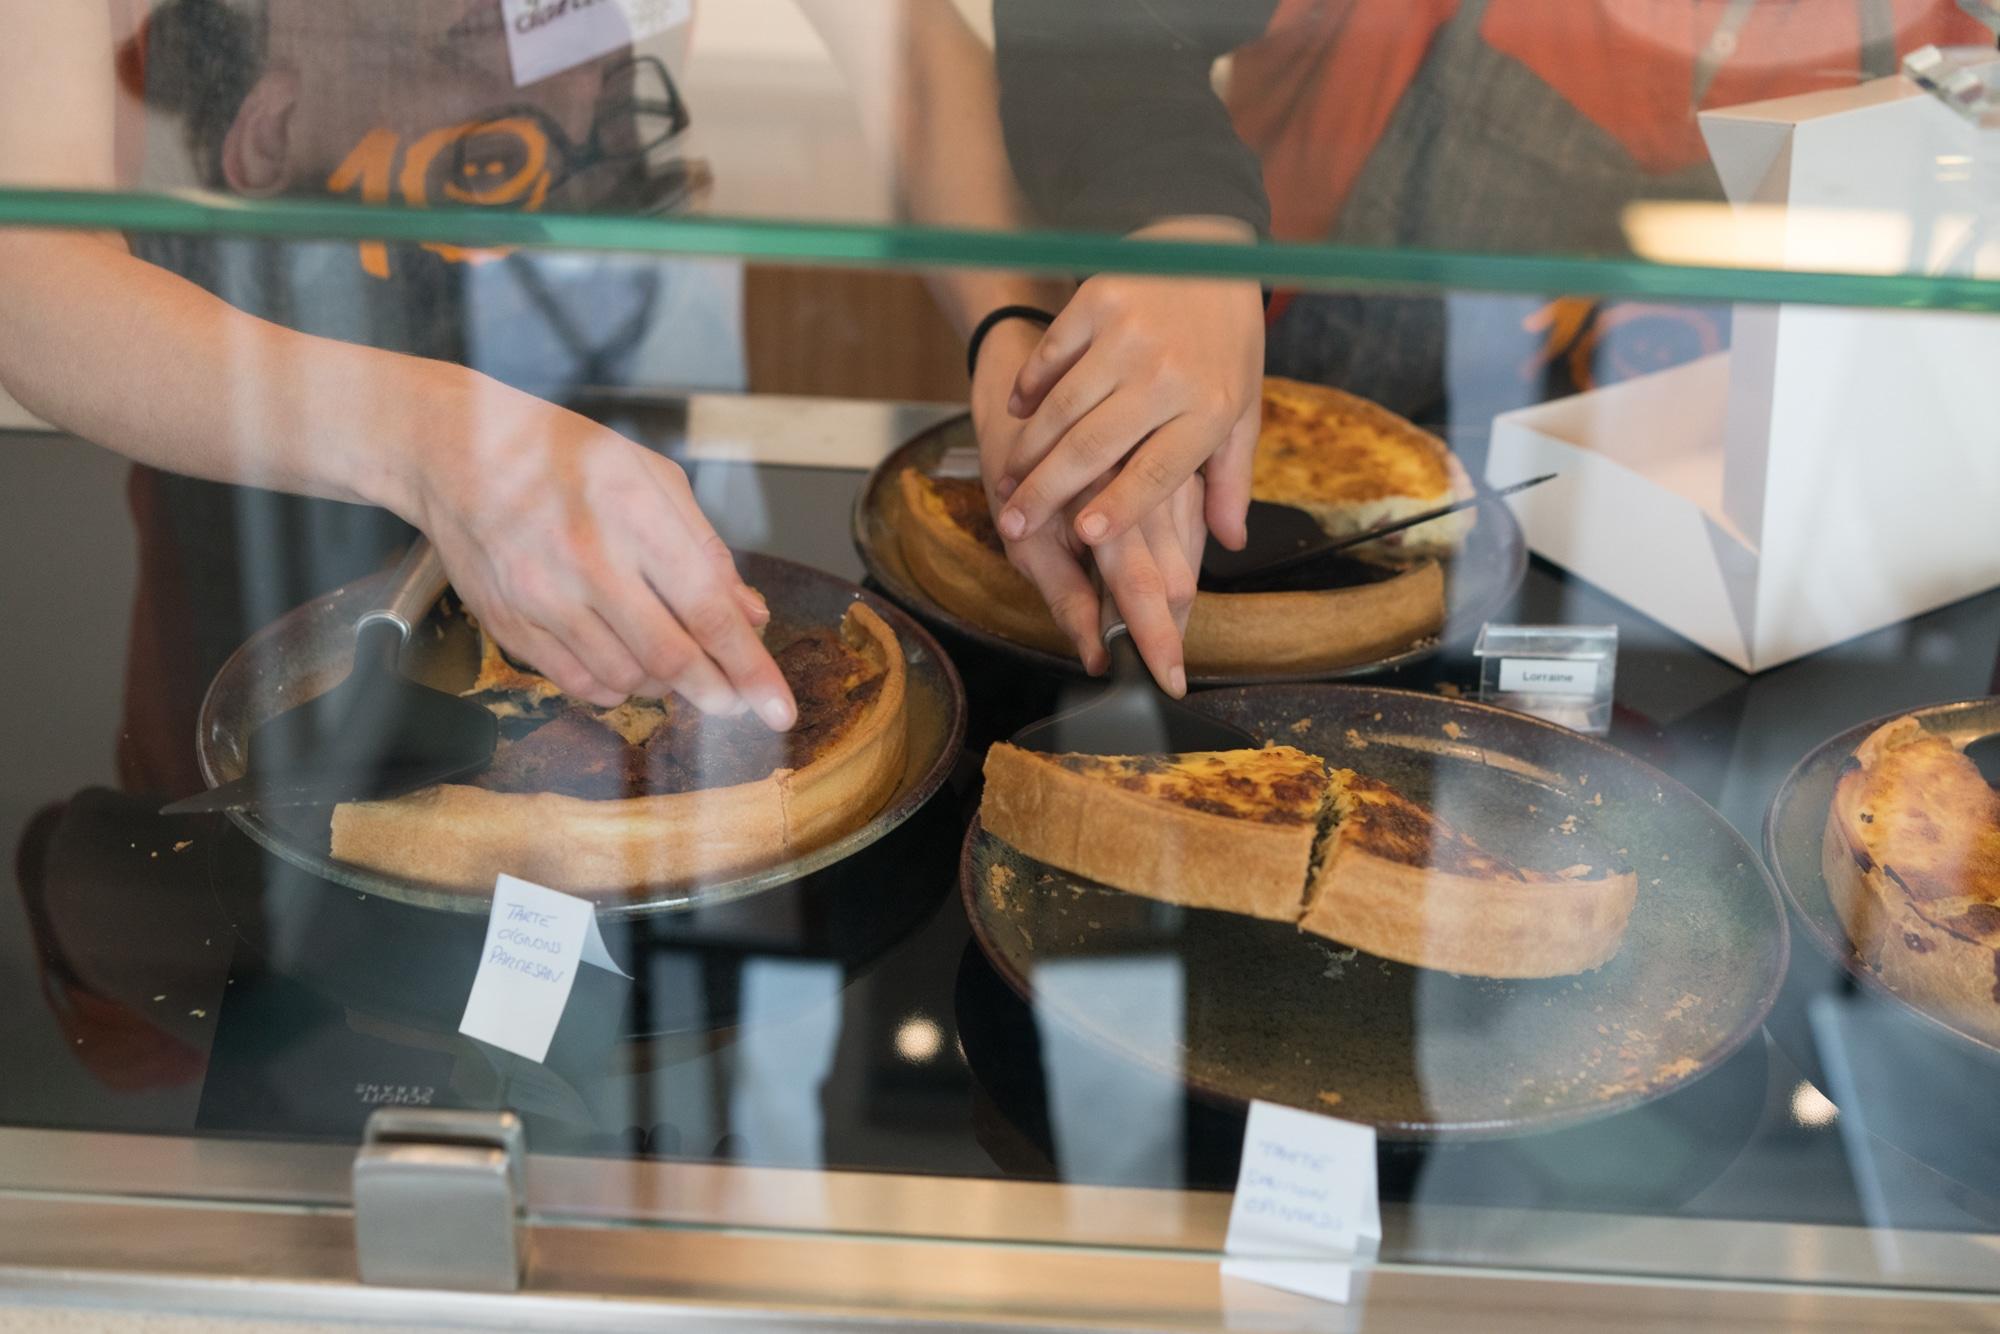 À travers la vitrine du comptoir, on aperçoit une main guider une autre main en train de manier une pelle à tarte pour servir une part.